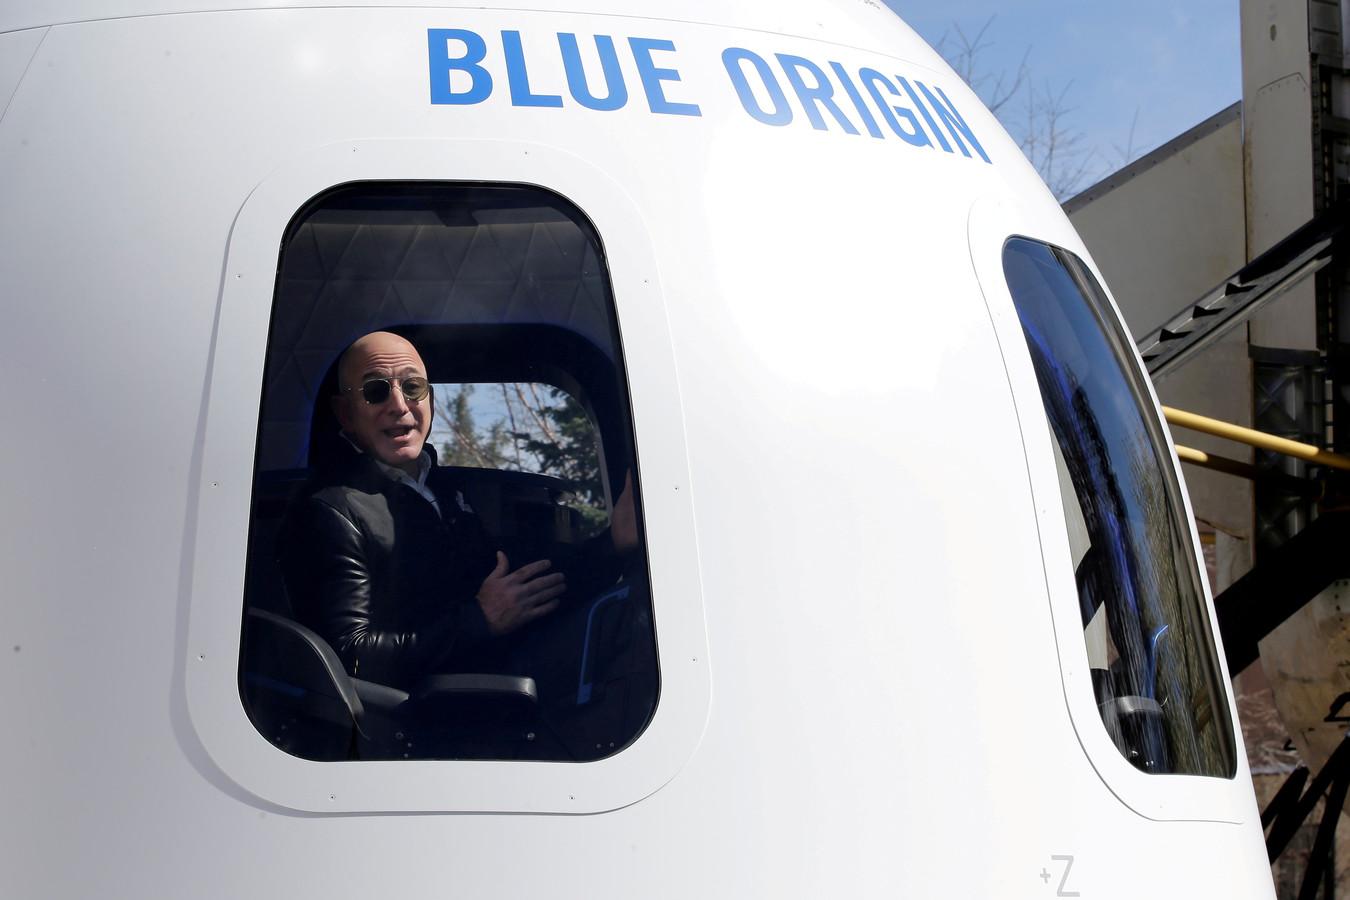 Jeff Bezos is in de race met Richard Branson om de eerste toerist in de ruimte te worden.